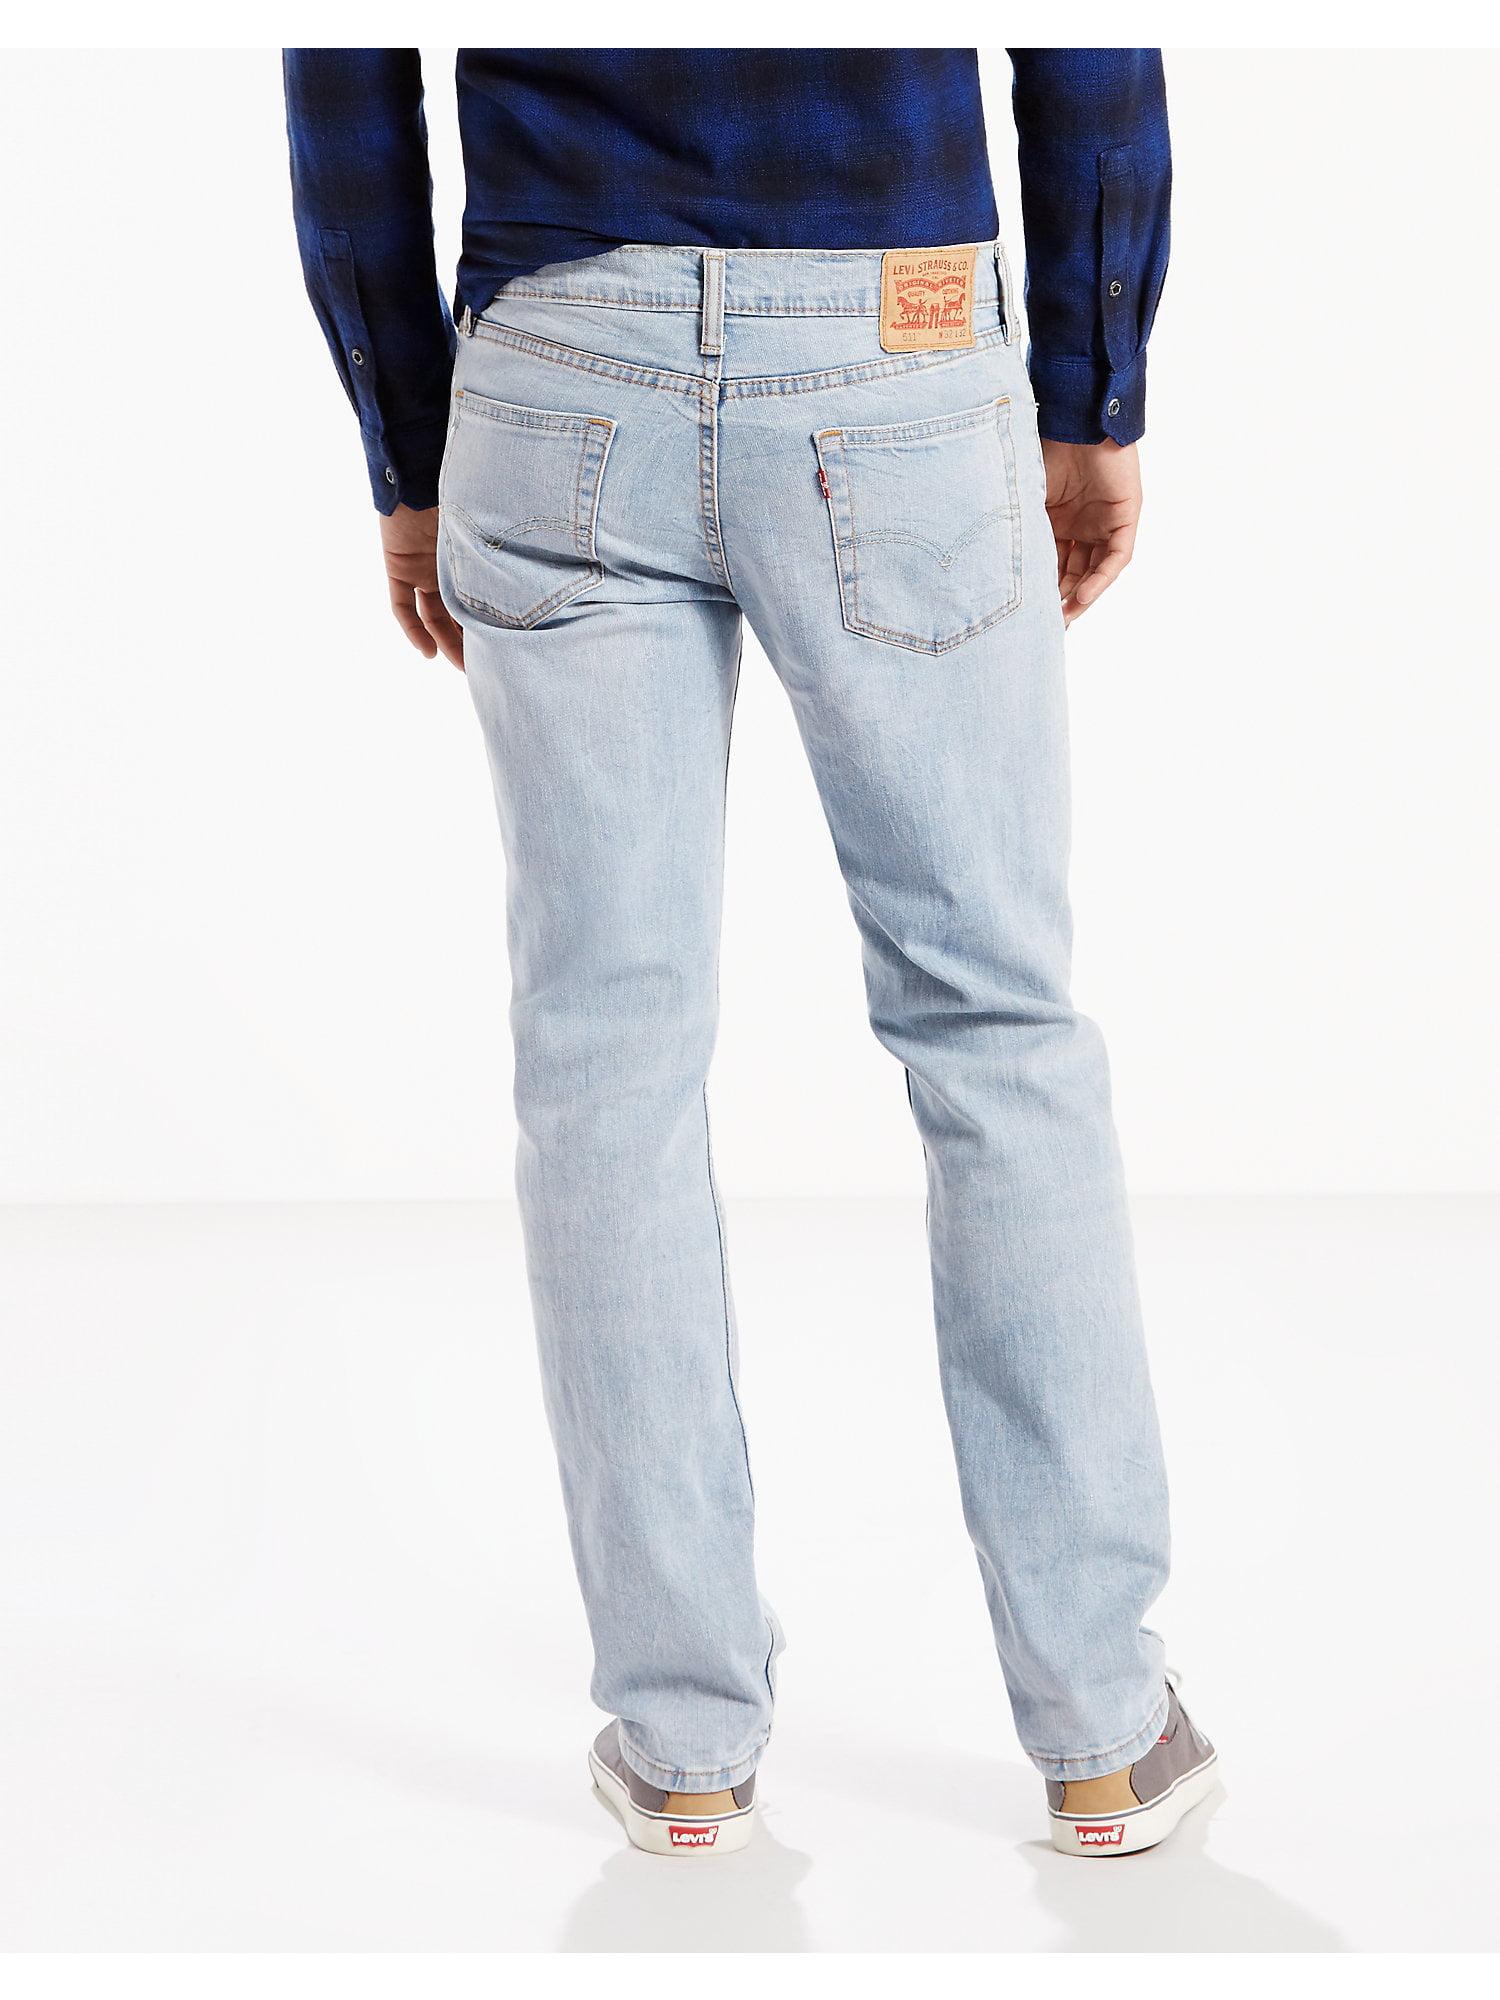 919e1de7 Levi's - Levi's Men's 511 Slim Fit Jeans - Walmart.com